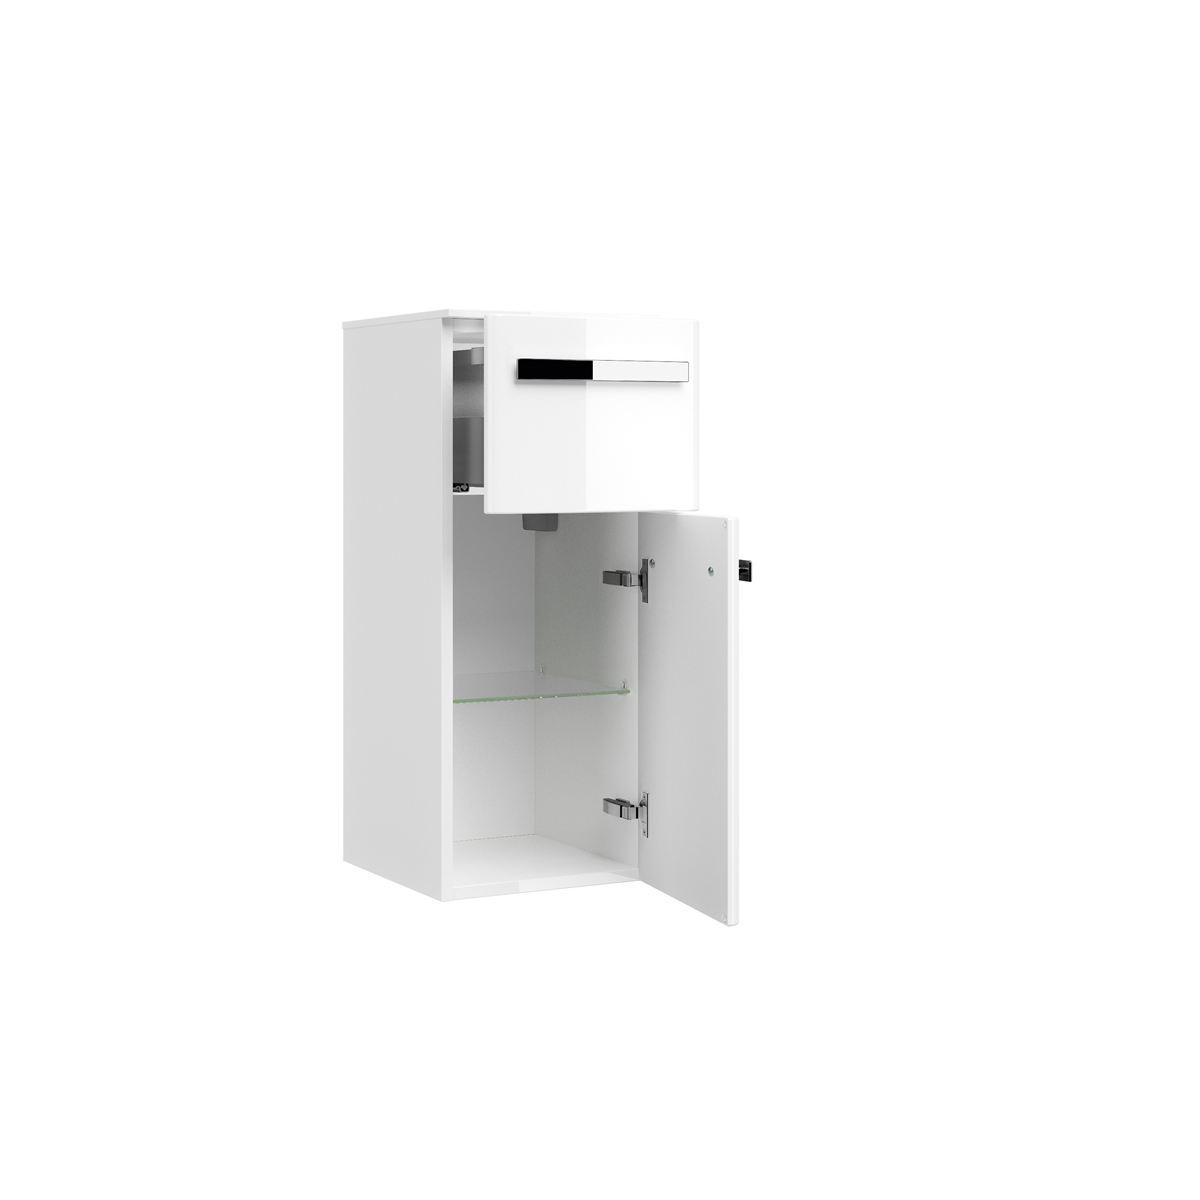 Pelipal Fokus 20 Highboard für Ihr Badezimmer in Hochglanz weiß